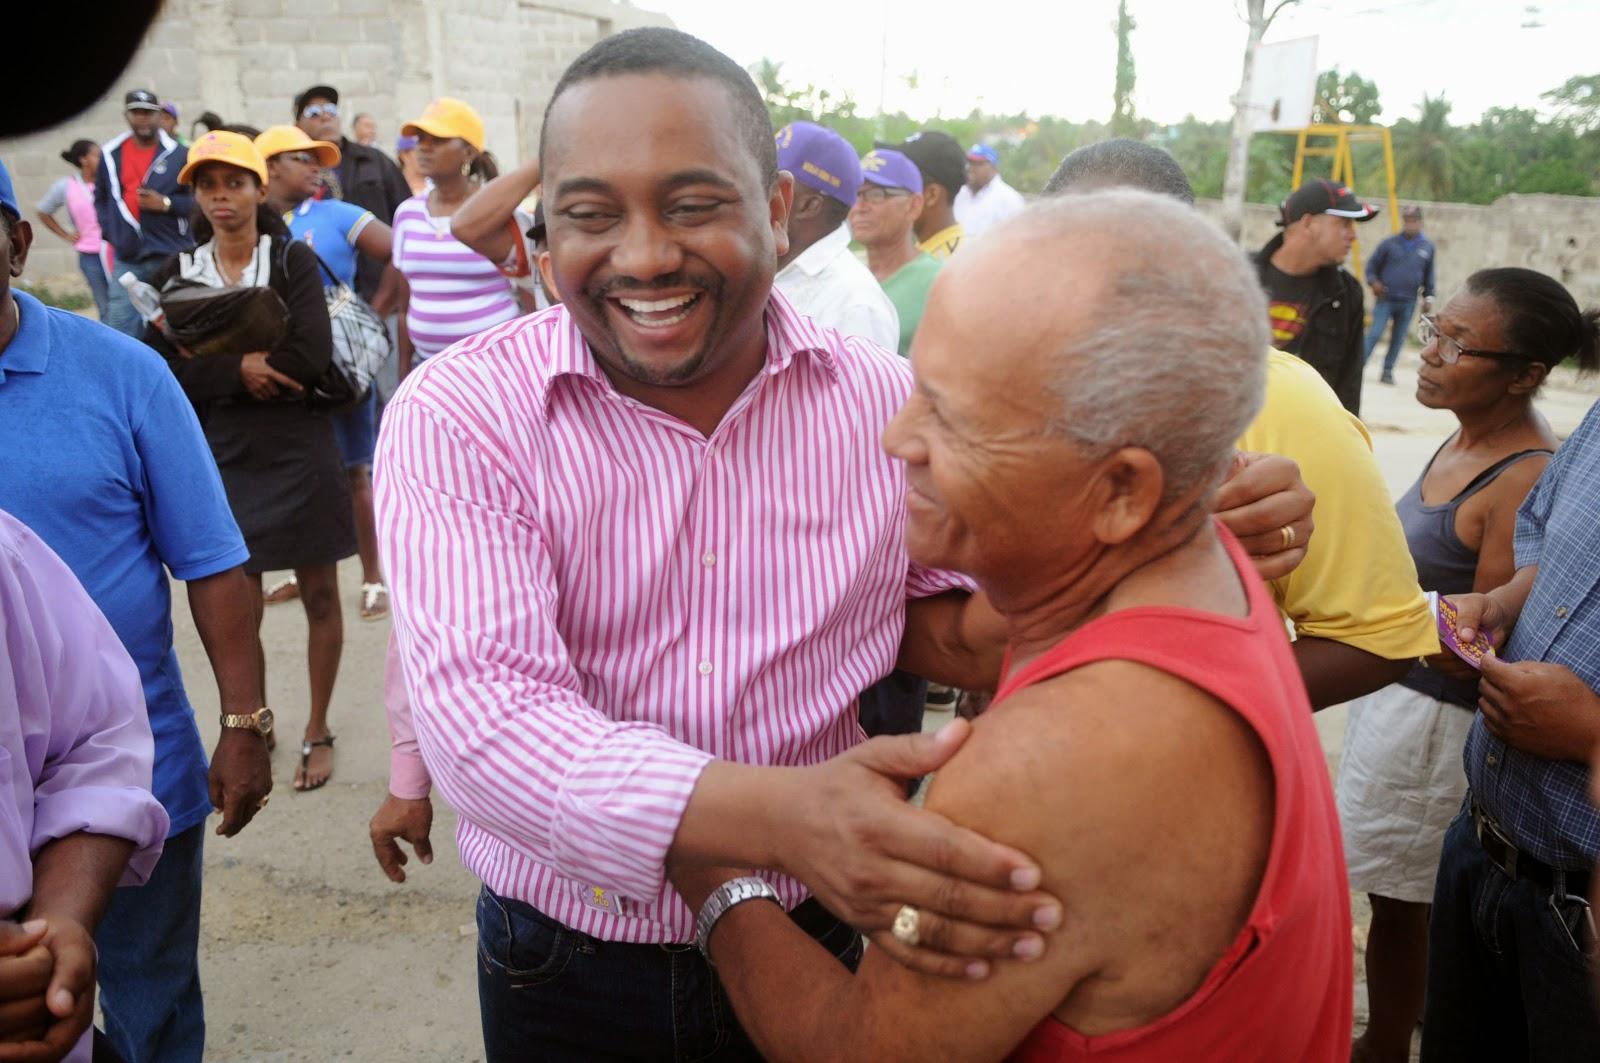 René Polanco, un alcalde que forjó su liderazgo desde joven entre la moral y la pobreza extrema, Alcarrizos News Diario Digital